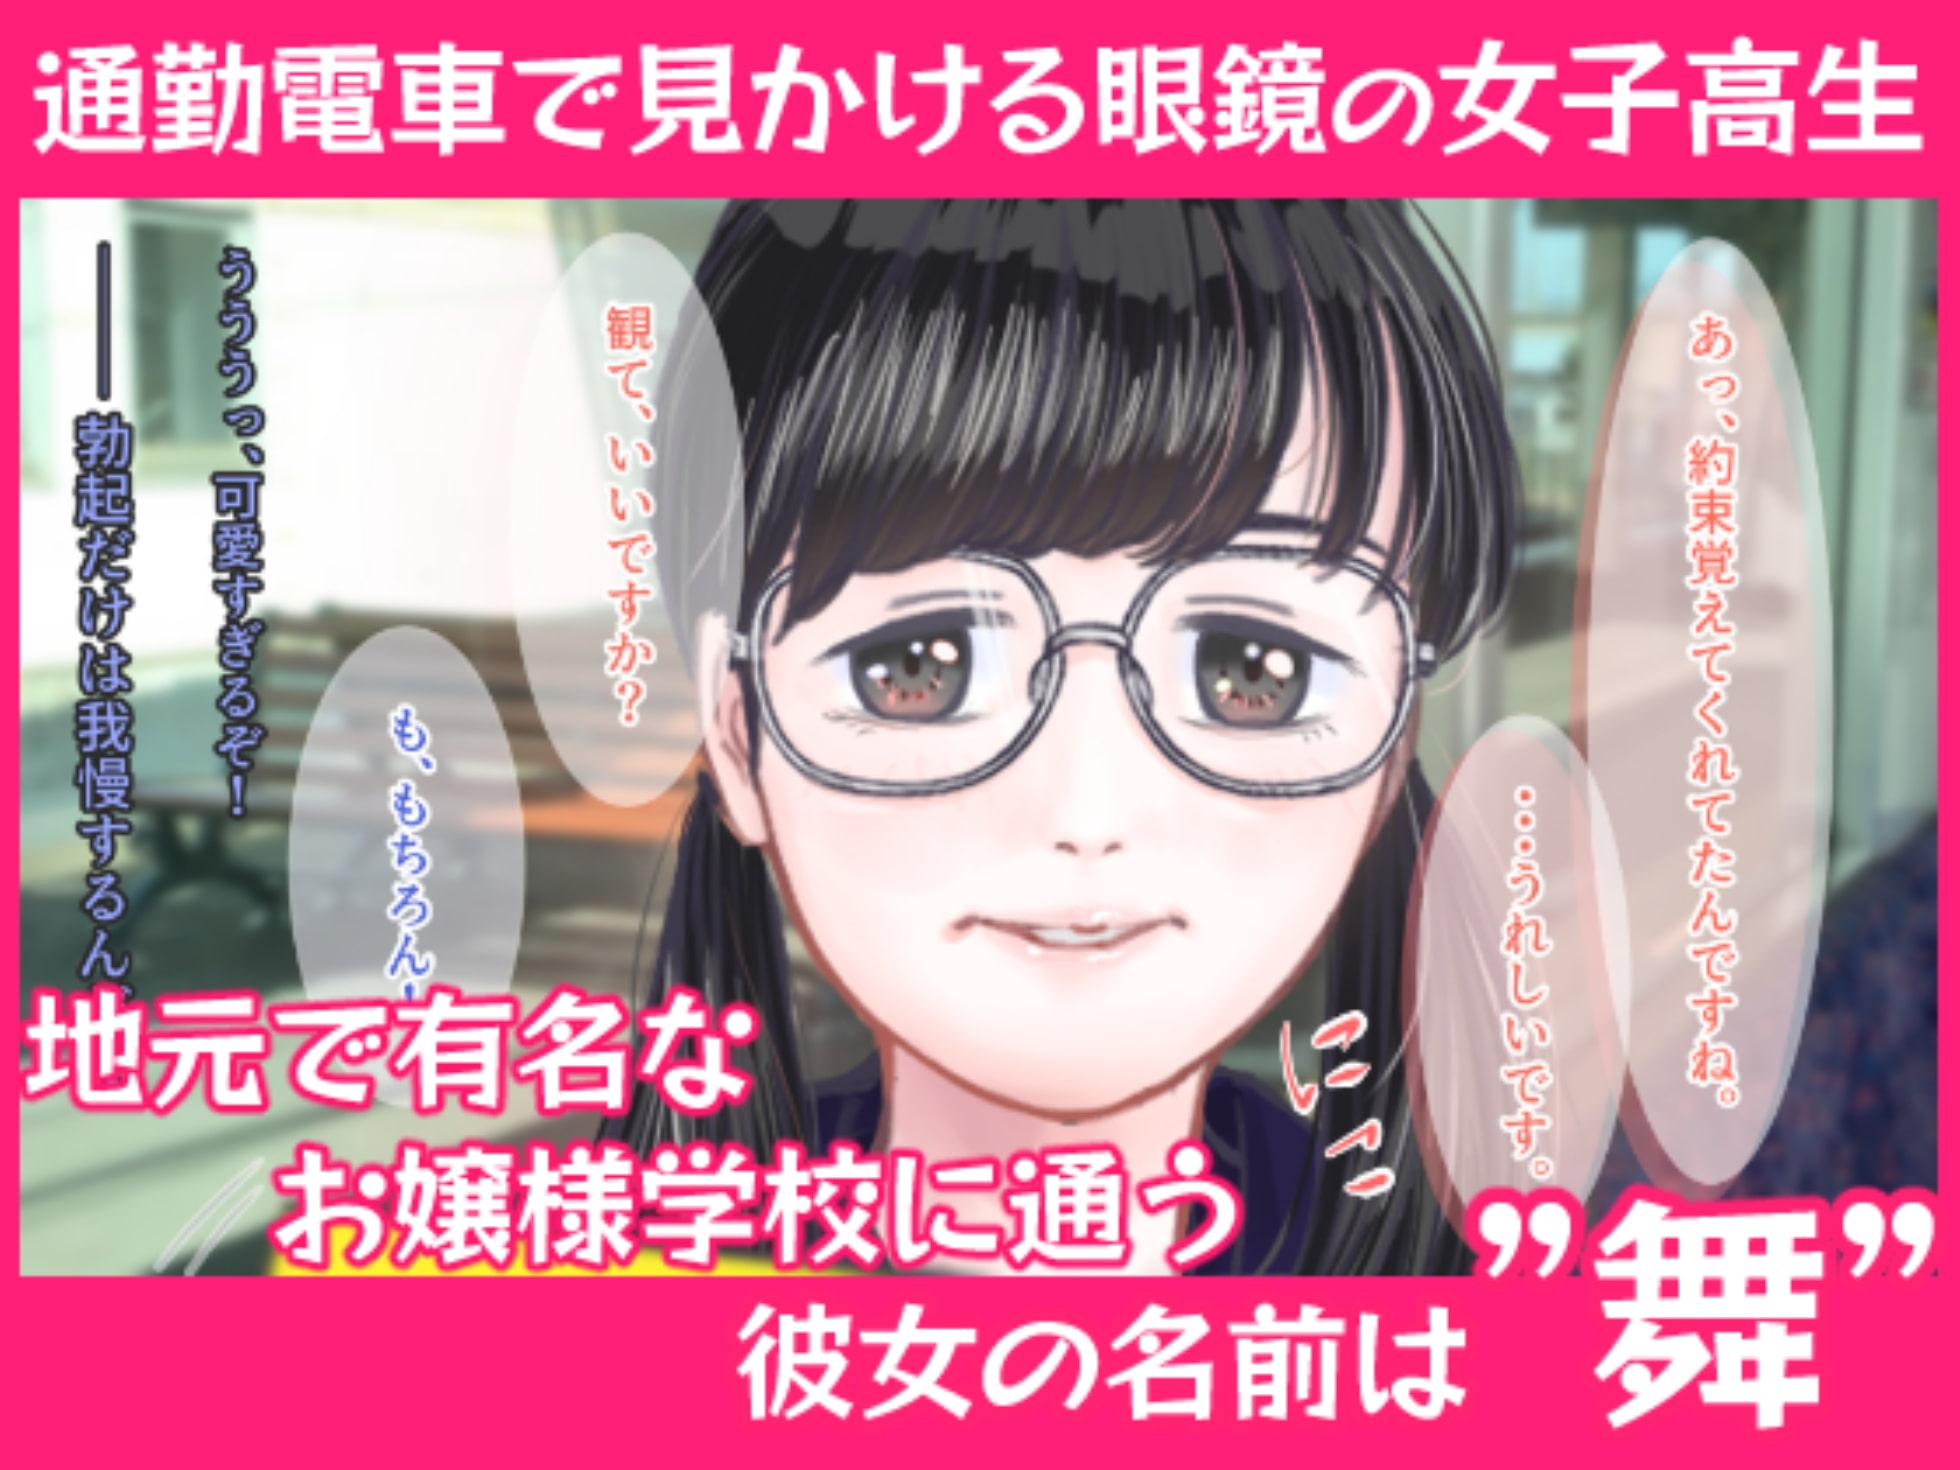 RJ321163 電車で見かける眼鏡の女子高生とエッチできちゃった話し。 [20210319]